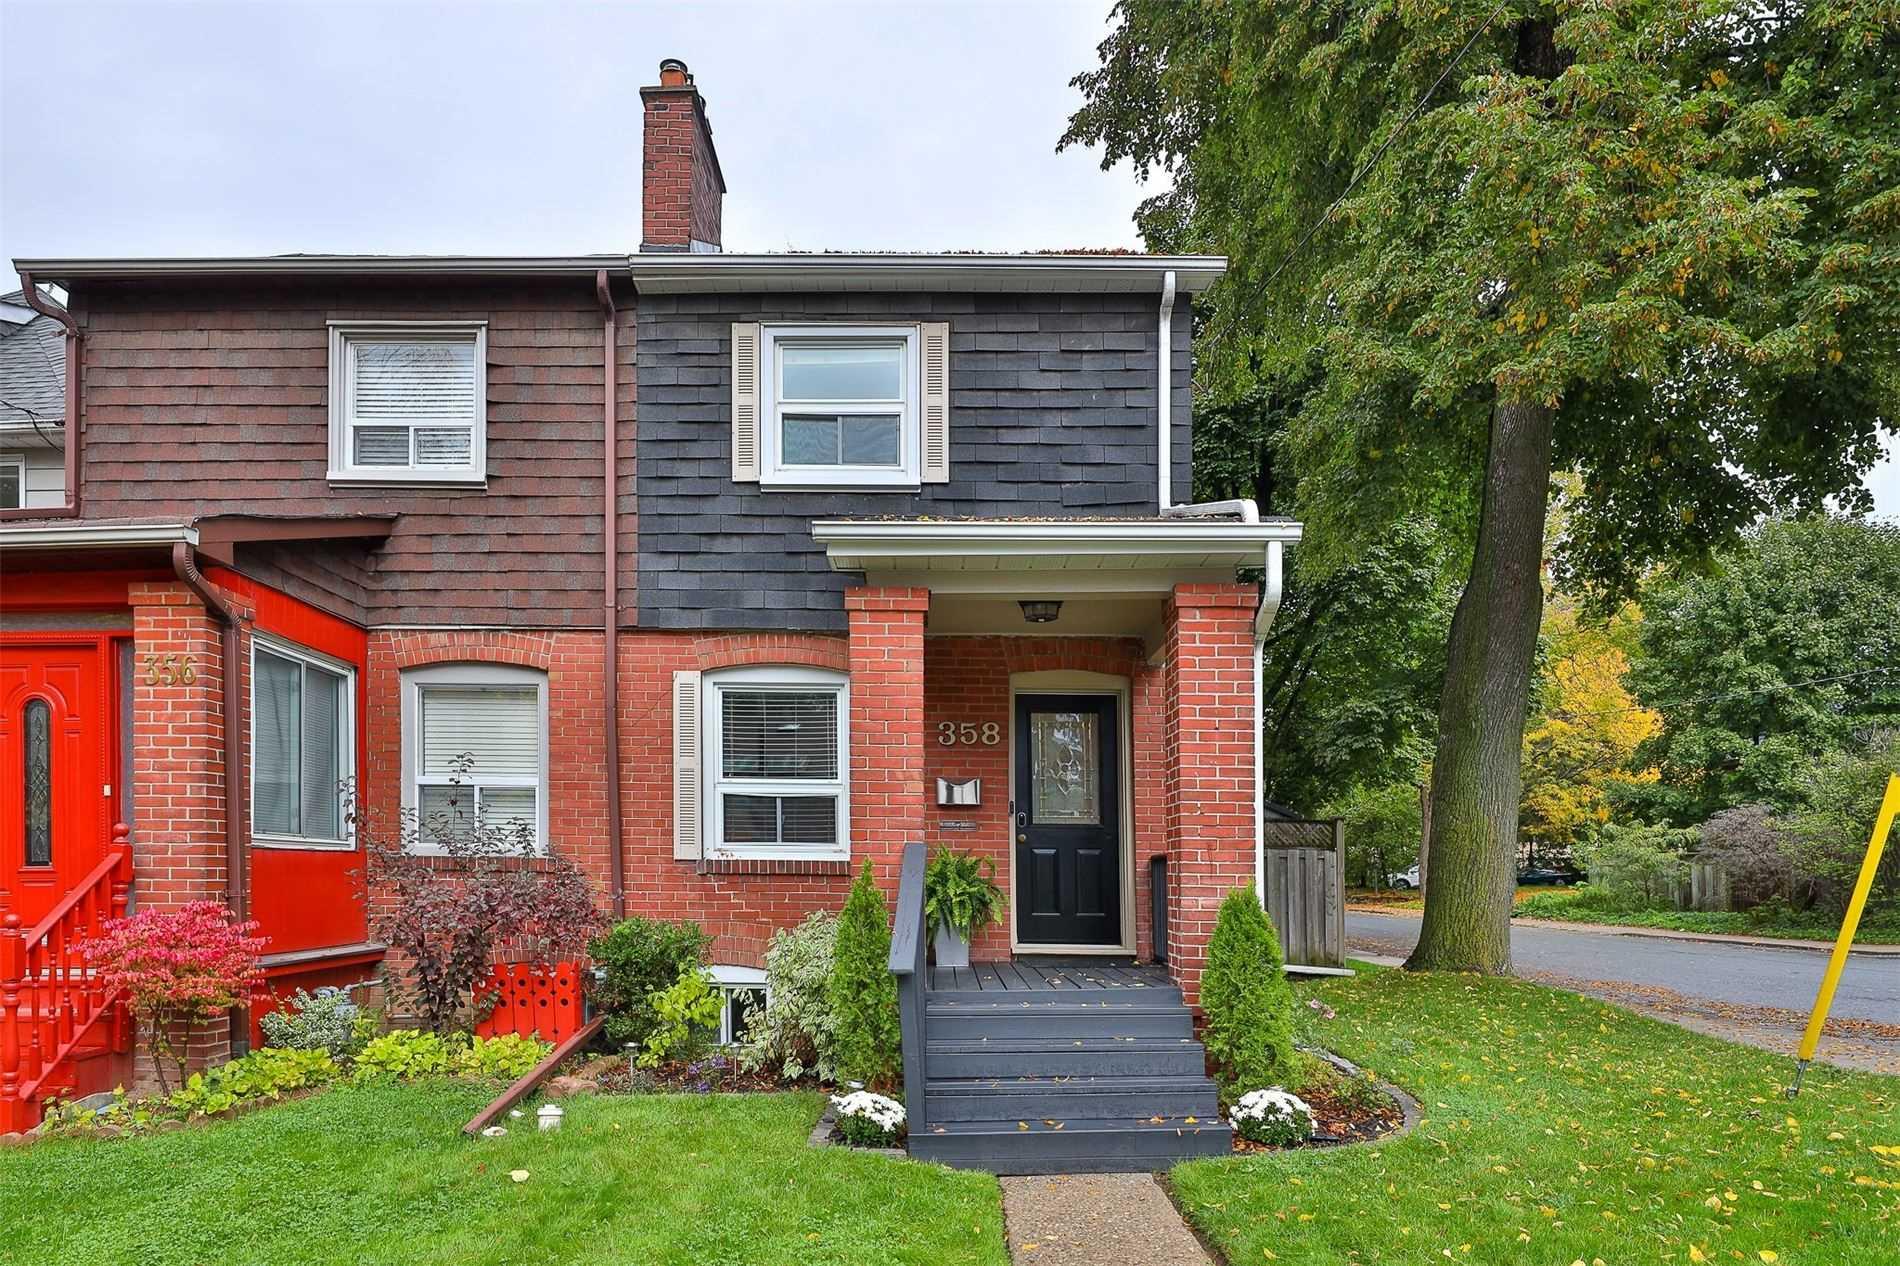 358 Soudan Ave - Mount Pleasant East Semi-Detached for sale, 3 Bedrooms (C5405343) - #1